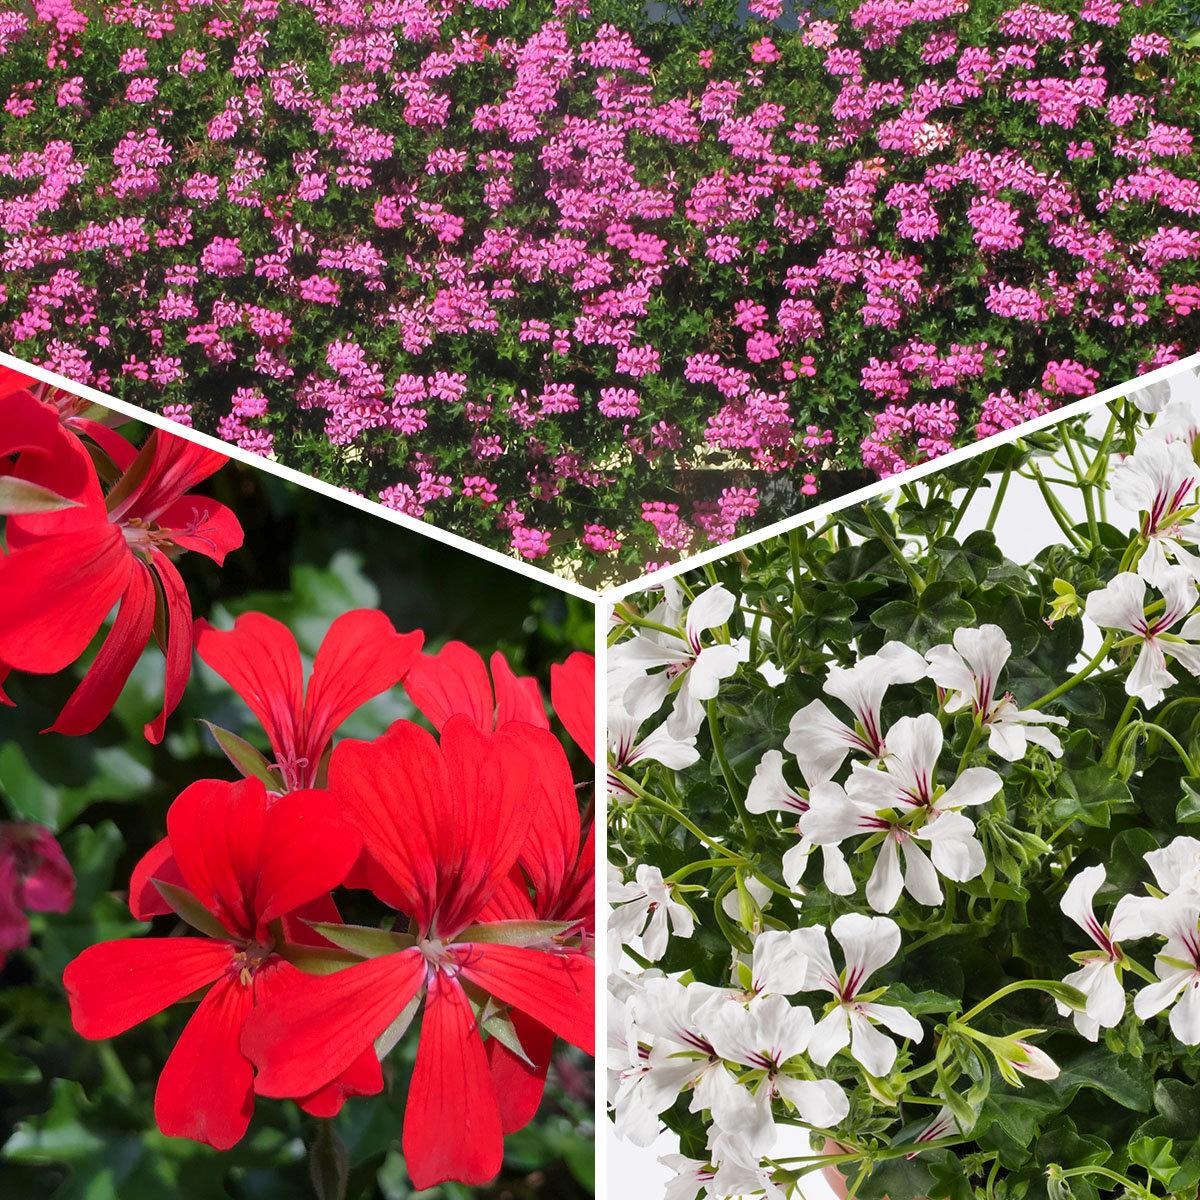 Sommerblumen-Set Hänge-Geranien, 6 Stück, im ca. 12 cm-Topf | #2